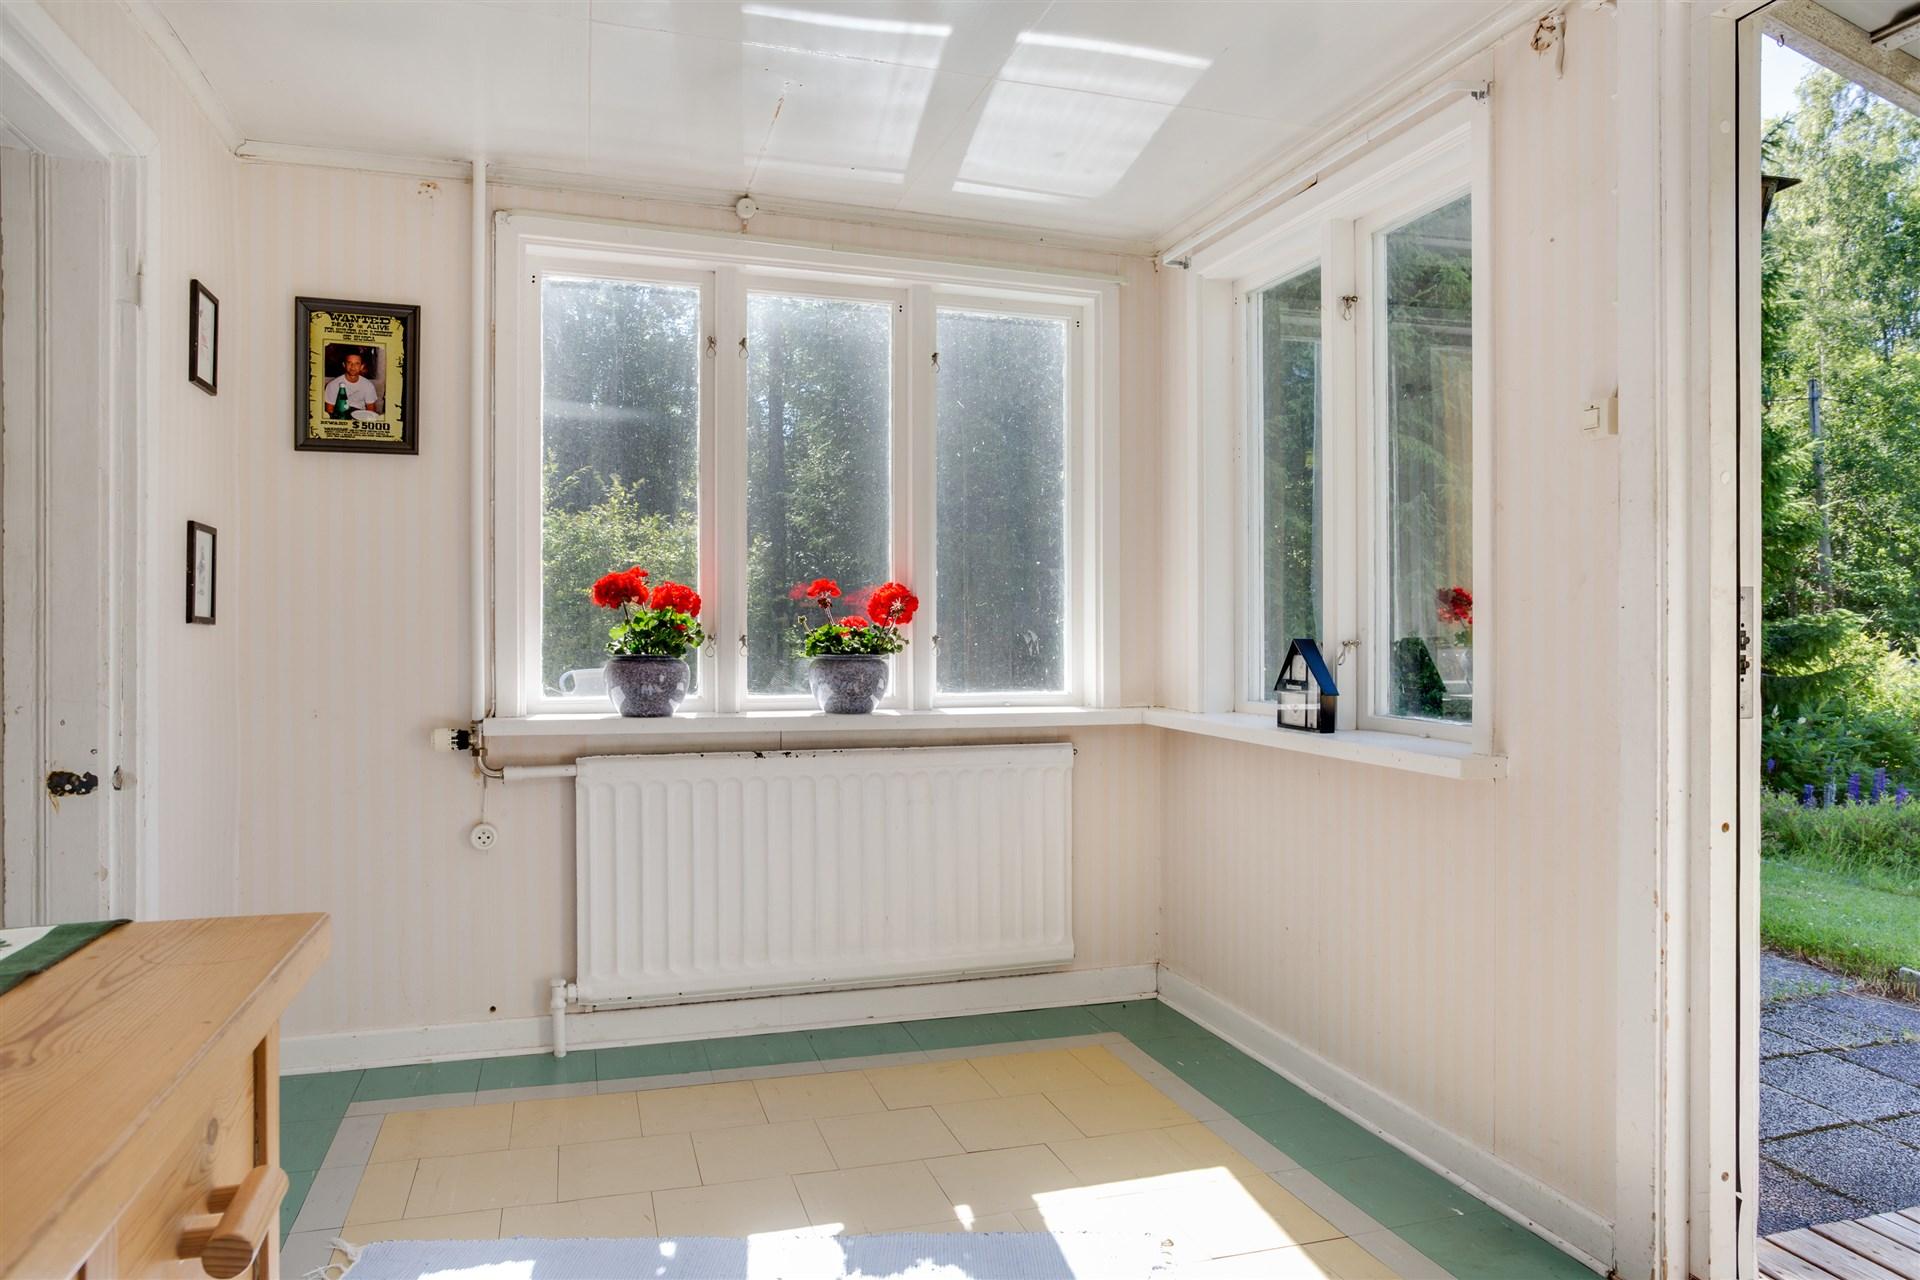 Hallen har många fönster som ger fint ljus och ingång till köket.